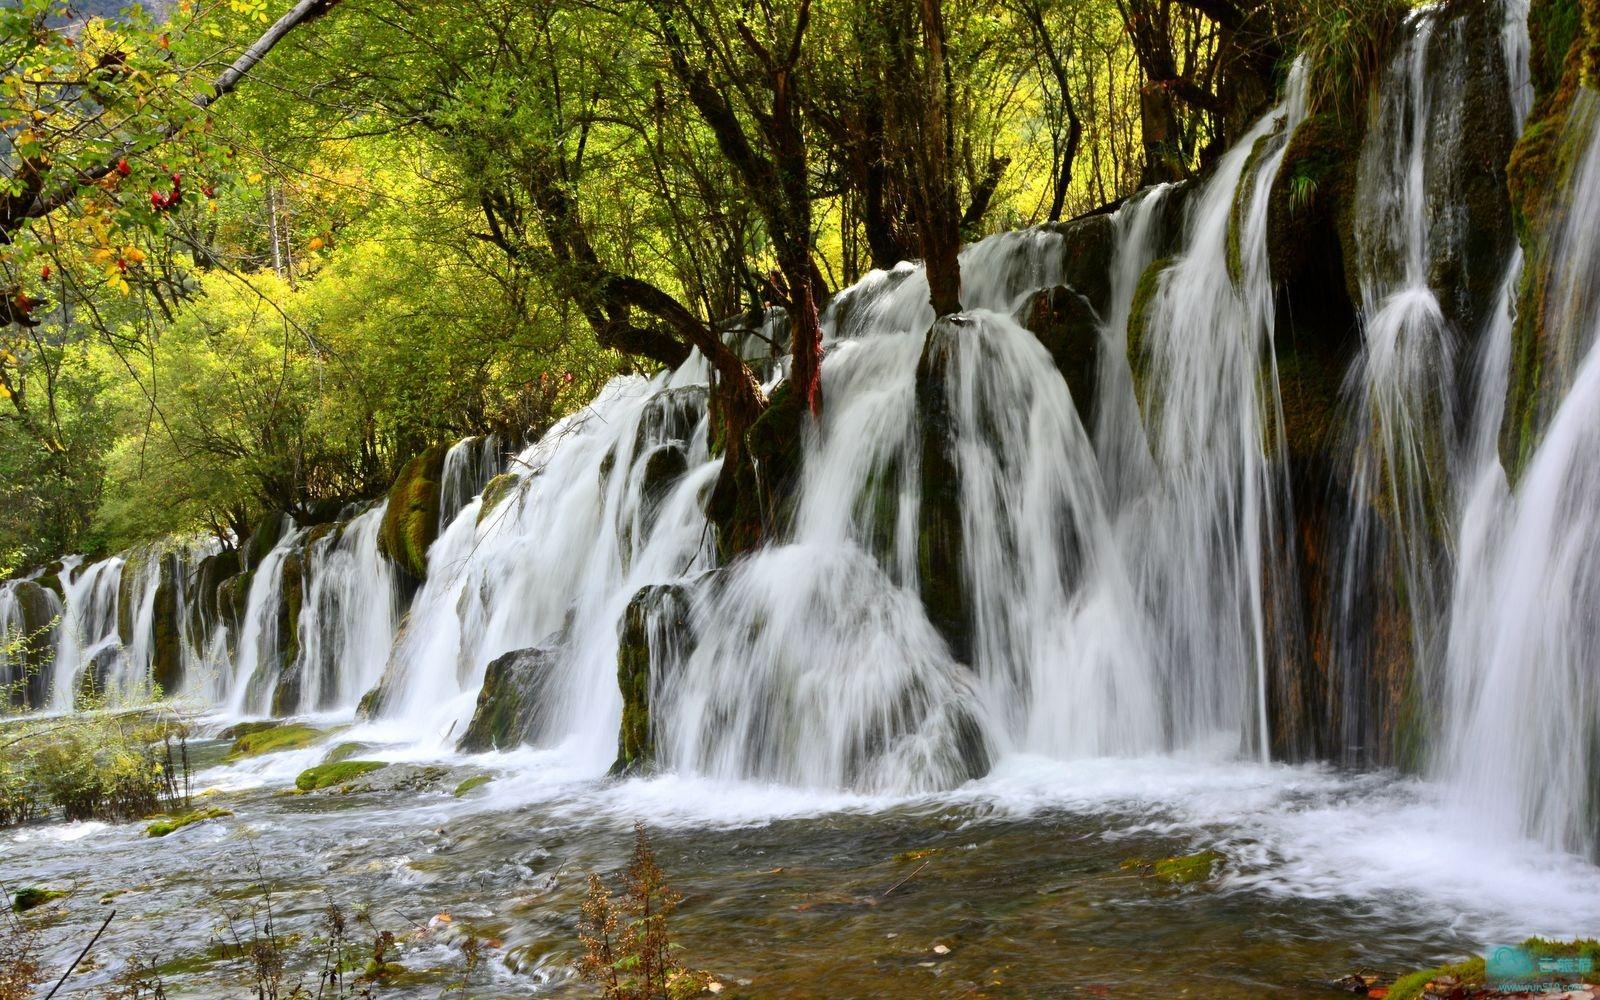 阿坝州内,东南向西北海拔由820米上升到6250米;530条河流、540个湖泊、 2980座山峦,蕴藏无数神秘奇特的自然风光。阿坝气温自东南向西北并随海拔由低到高而相应降低,总体来说冬春寒冷、夏季温凉,是绝佳的避暑胜地;随着海拔高度变化,气候从亚热带到温带、寒温带、寒带,呈明显的垂直性差异,海拔2500~4100米的坡谷地带是寒温带,年平均气温1℃~5℃,海拔4100米以上为寒带,终年积雪,长冬无夏。中国工农红军长征从1935年4月进驻到1936年8月全部走出草地,停留达16个月,留下数处会址、遗址、文物等,还有鲜为人知的红四方面军在金川建立的格勒得沙共和国遗址,以及后来建造的松潘红军长征总碑园、亚克夏雪山红军烈士陵园等。阿坝现有3个世界级风景区,3个省级风景区,4个省级自然保护区;101个一级景点,38个二级景点,19个三级景点ZS个人文景观板块:长征史诗、藏文化、羌文化、历史文化、藏传佛教文化。